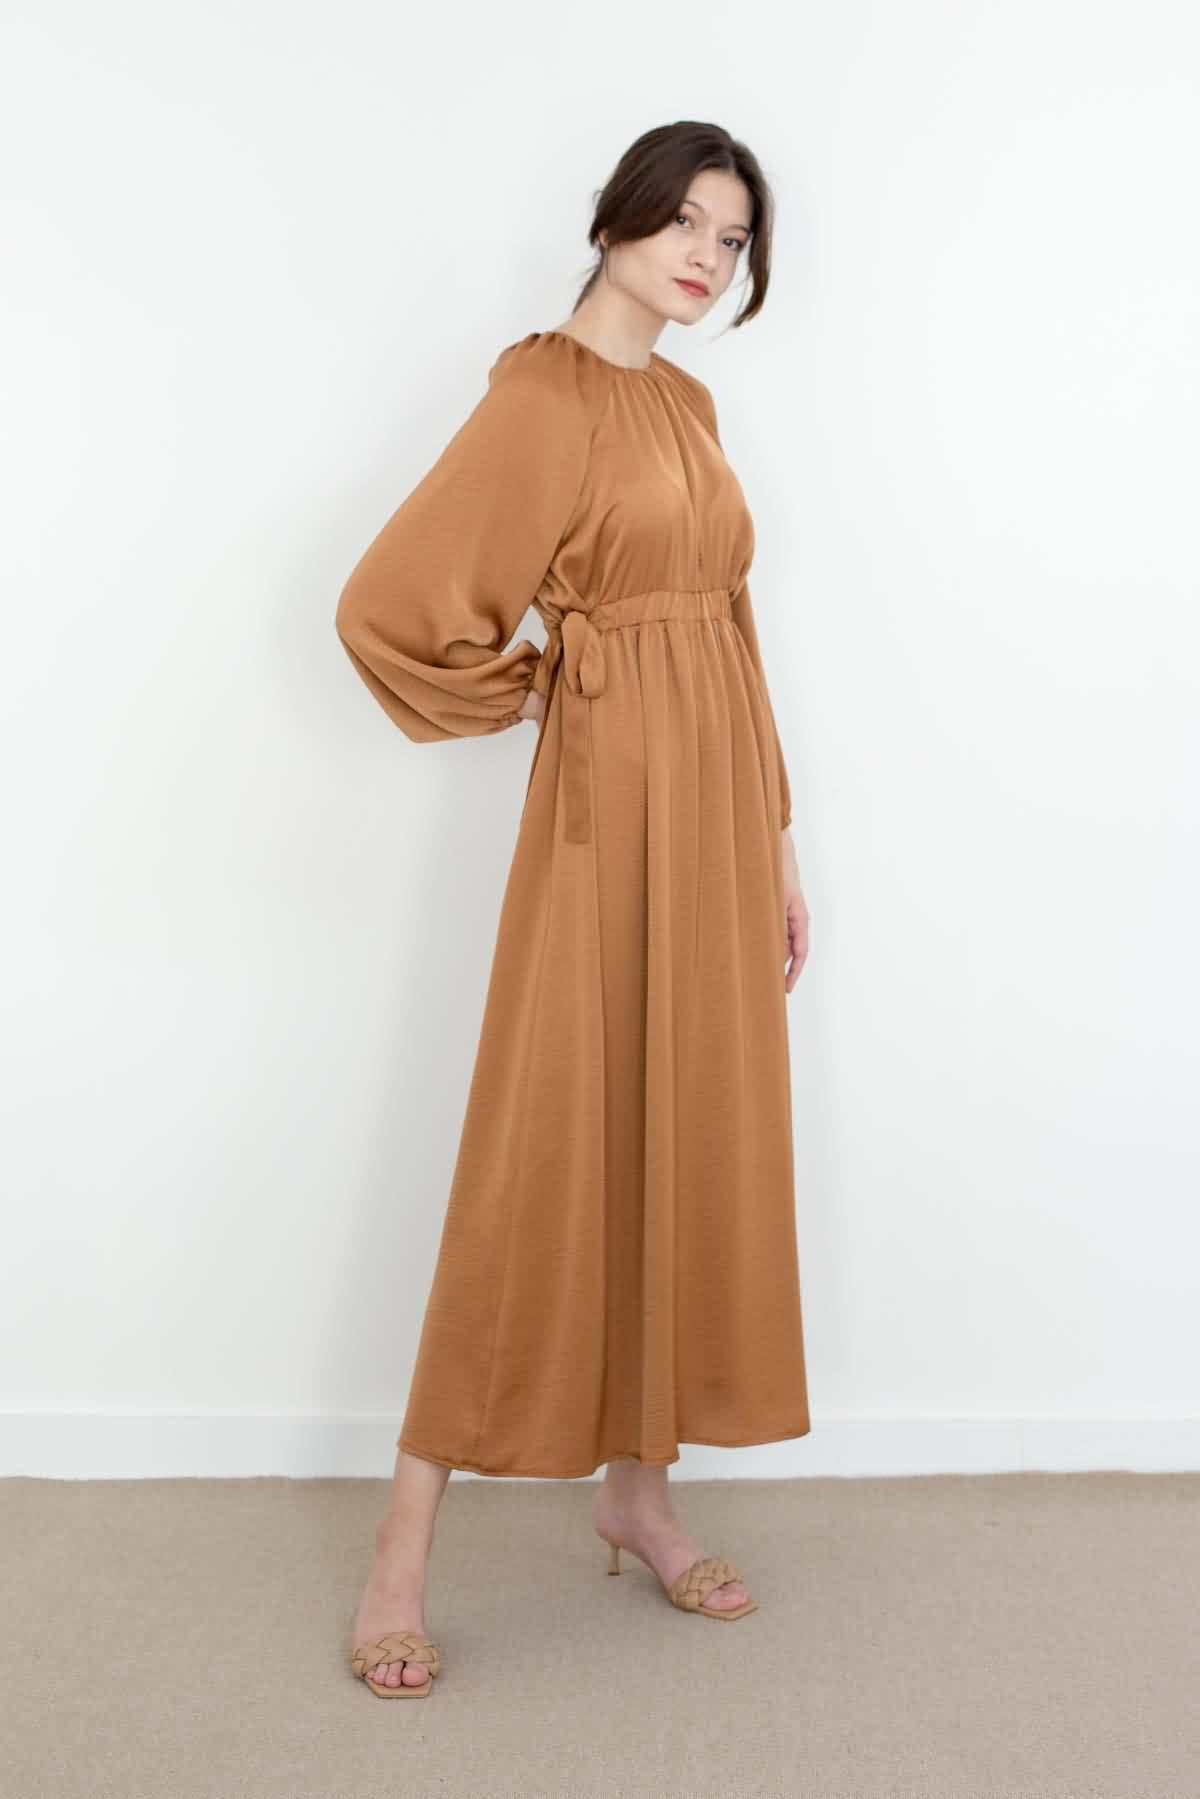 Mevra - Kuşaklı Elbise Toffee